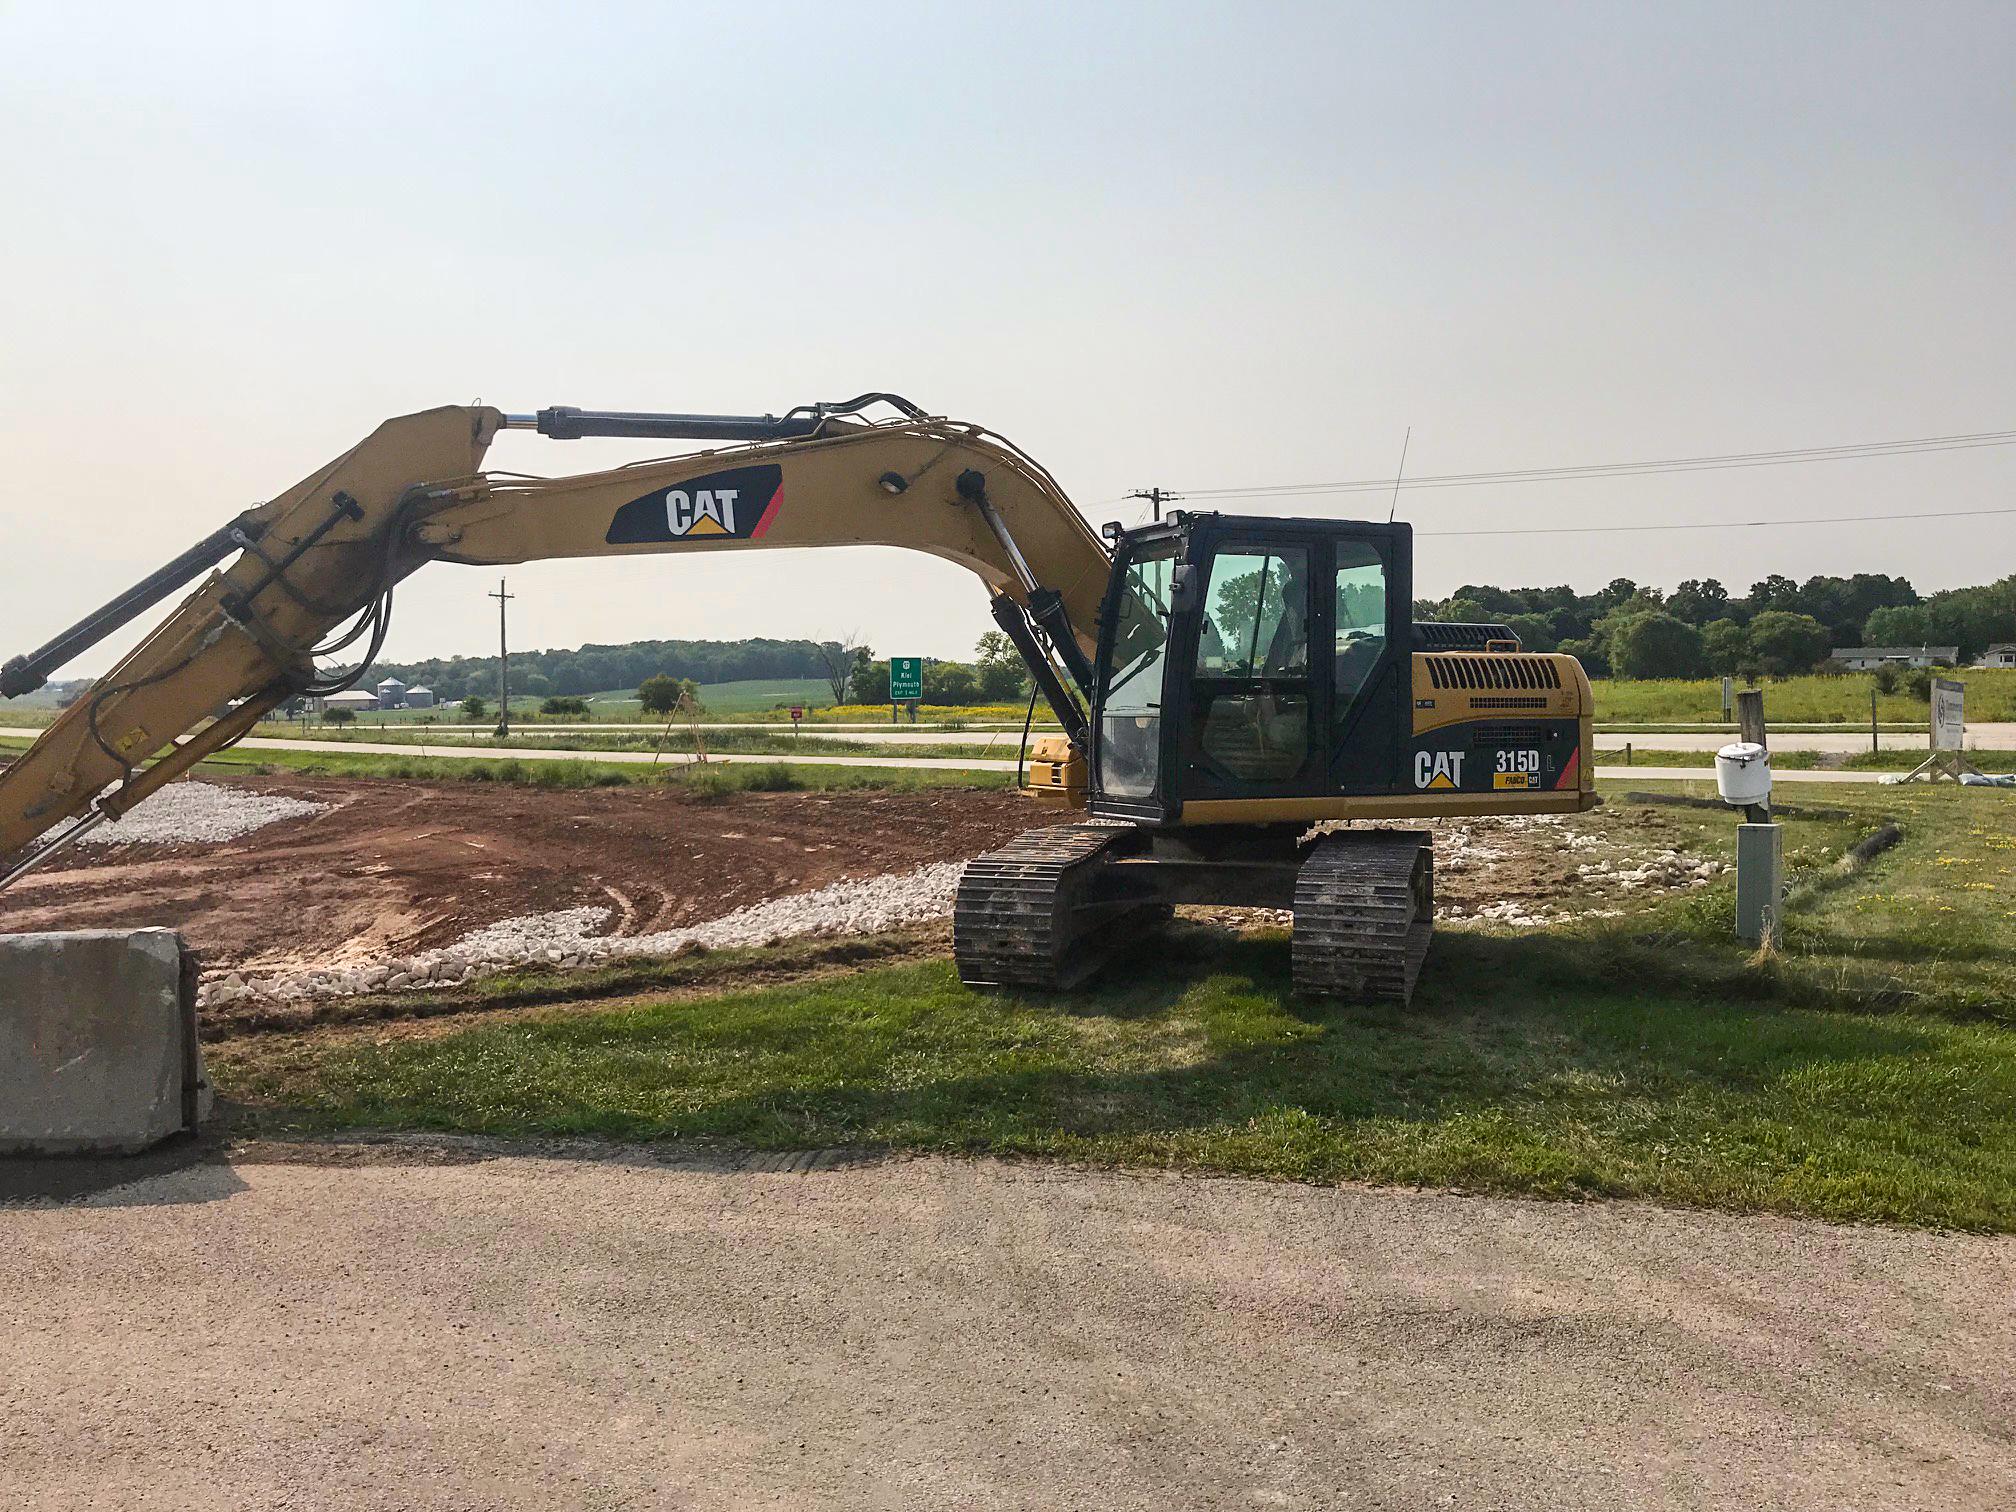 excavating-equipment-ksi-construction-wisconsin